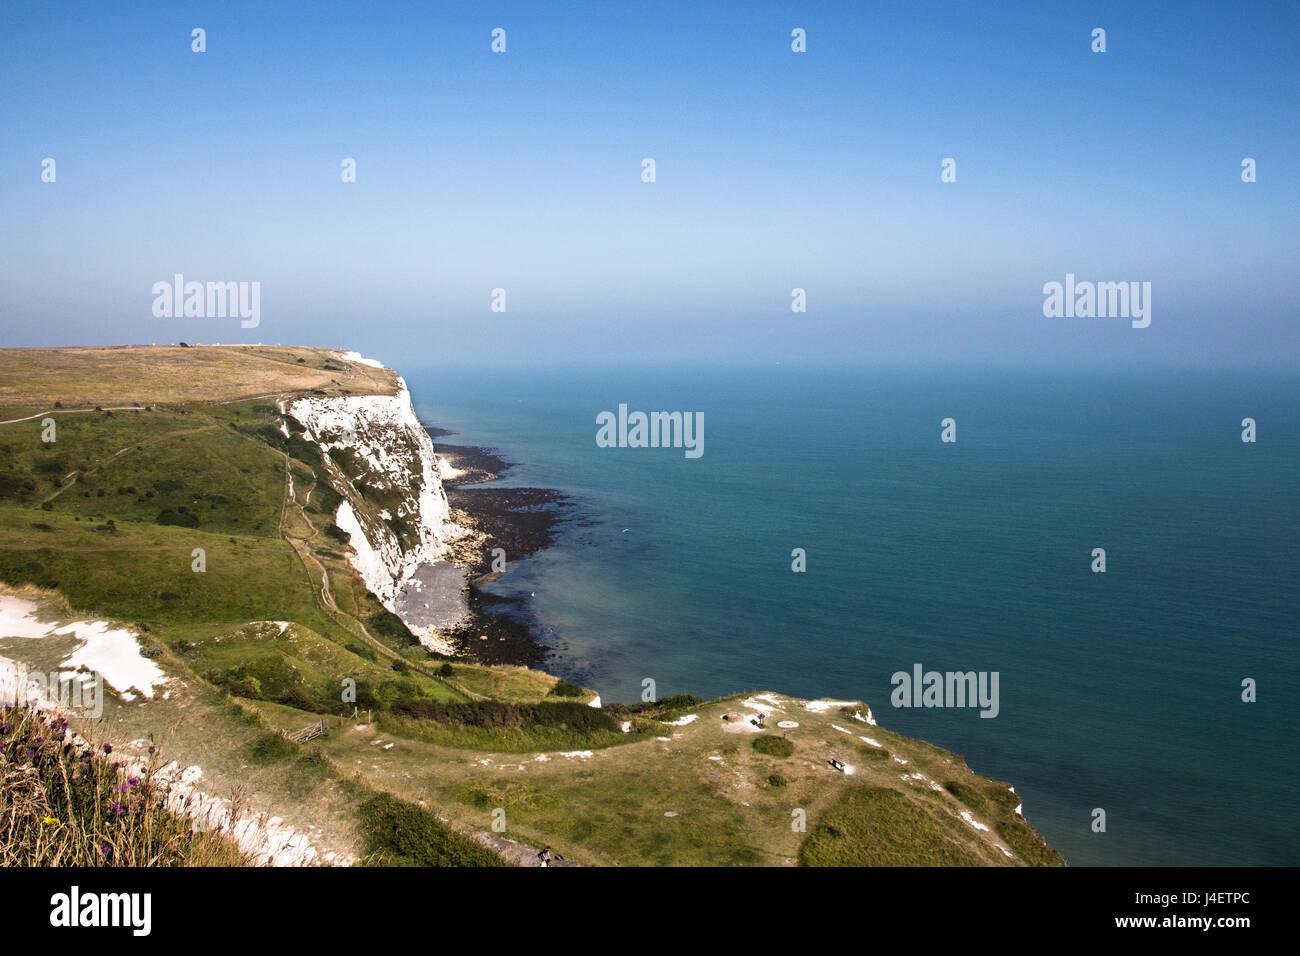 Los acantilados blancos de Dover en un día soleado cielo azul. Imagen De Stock